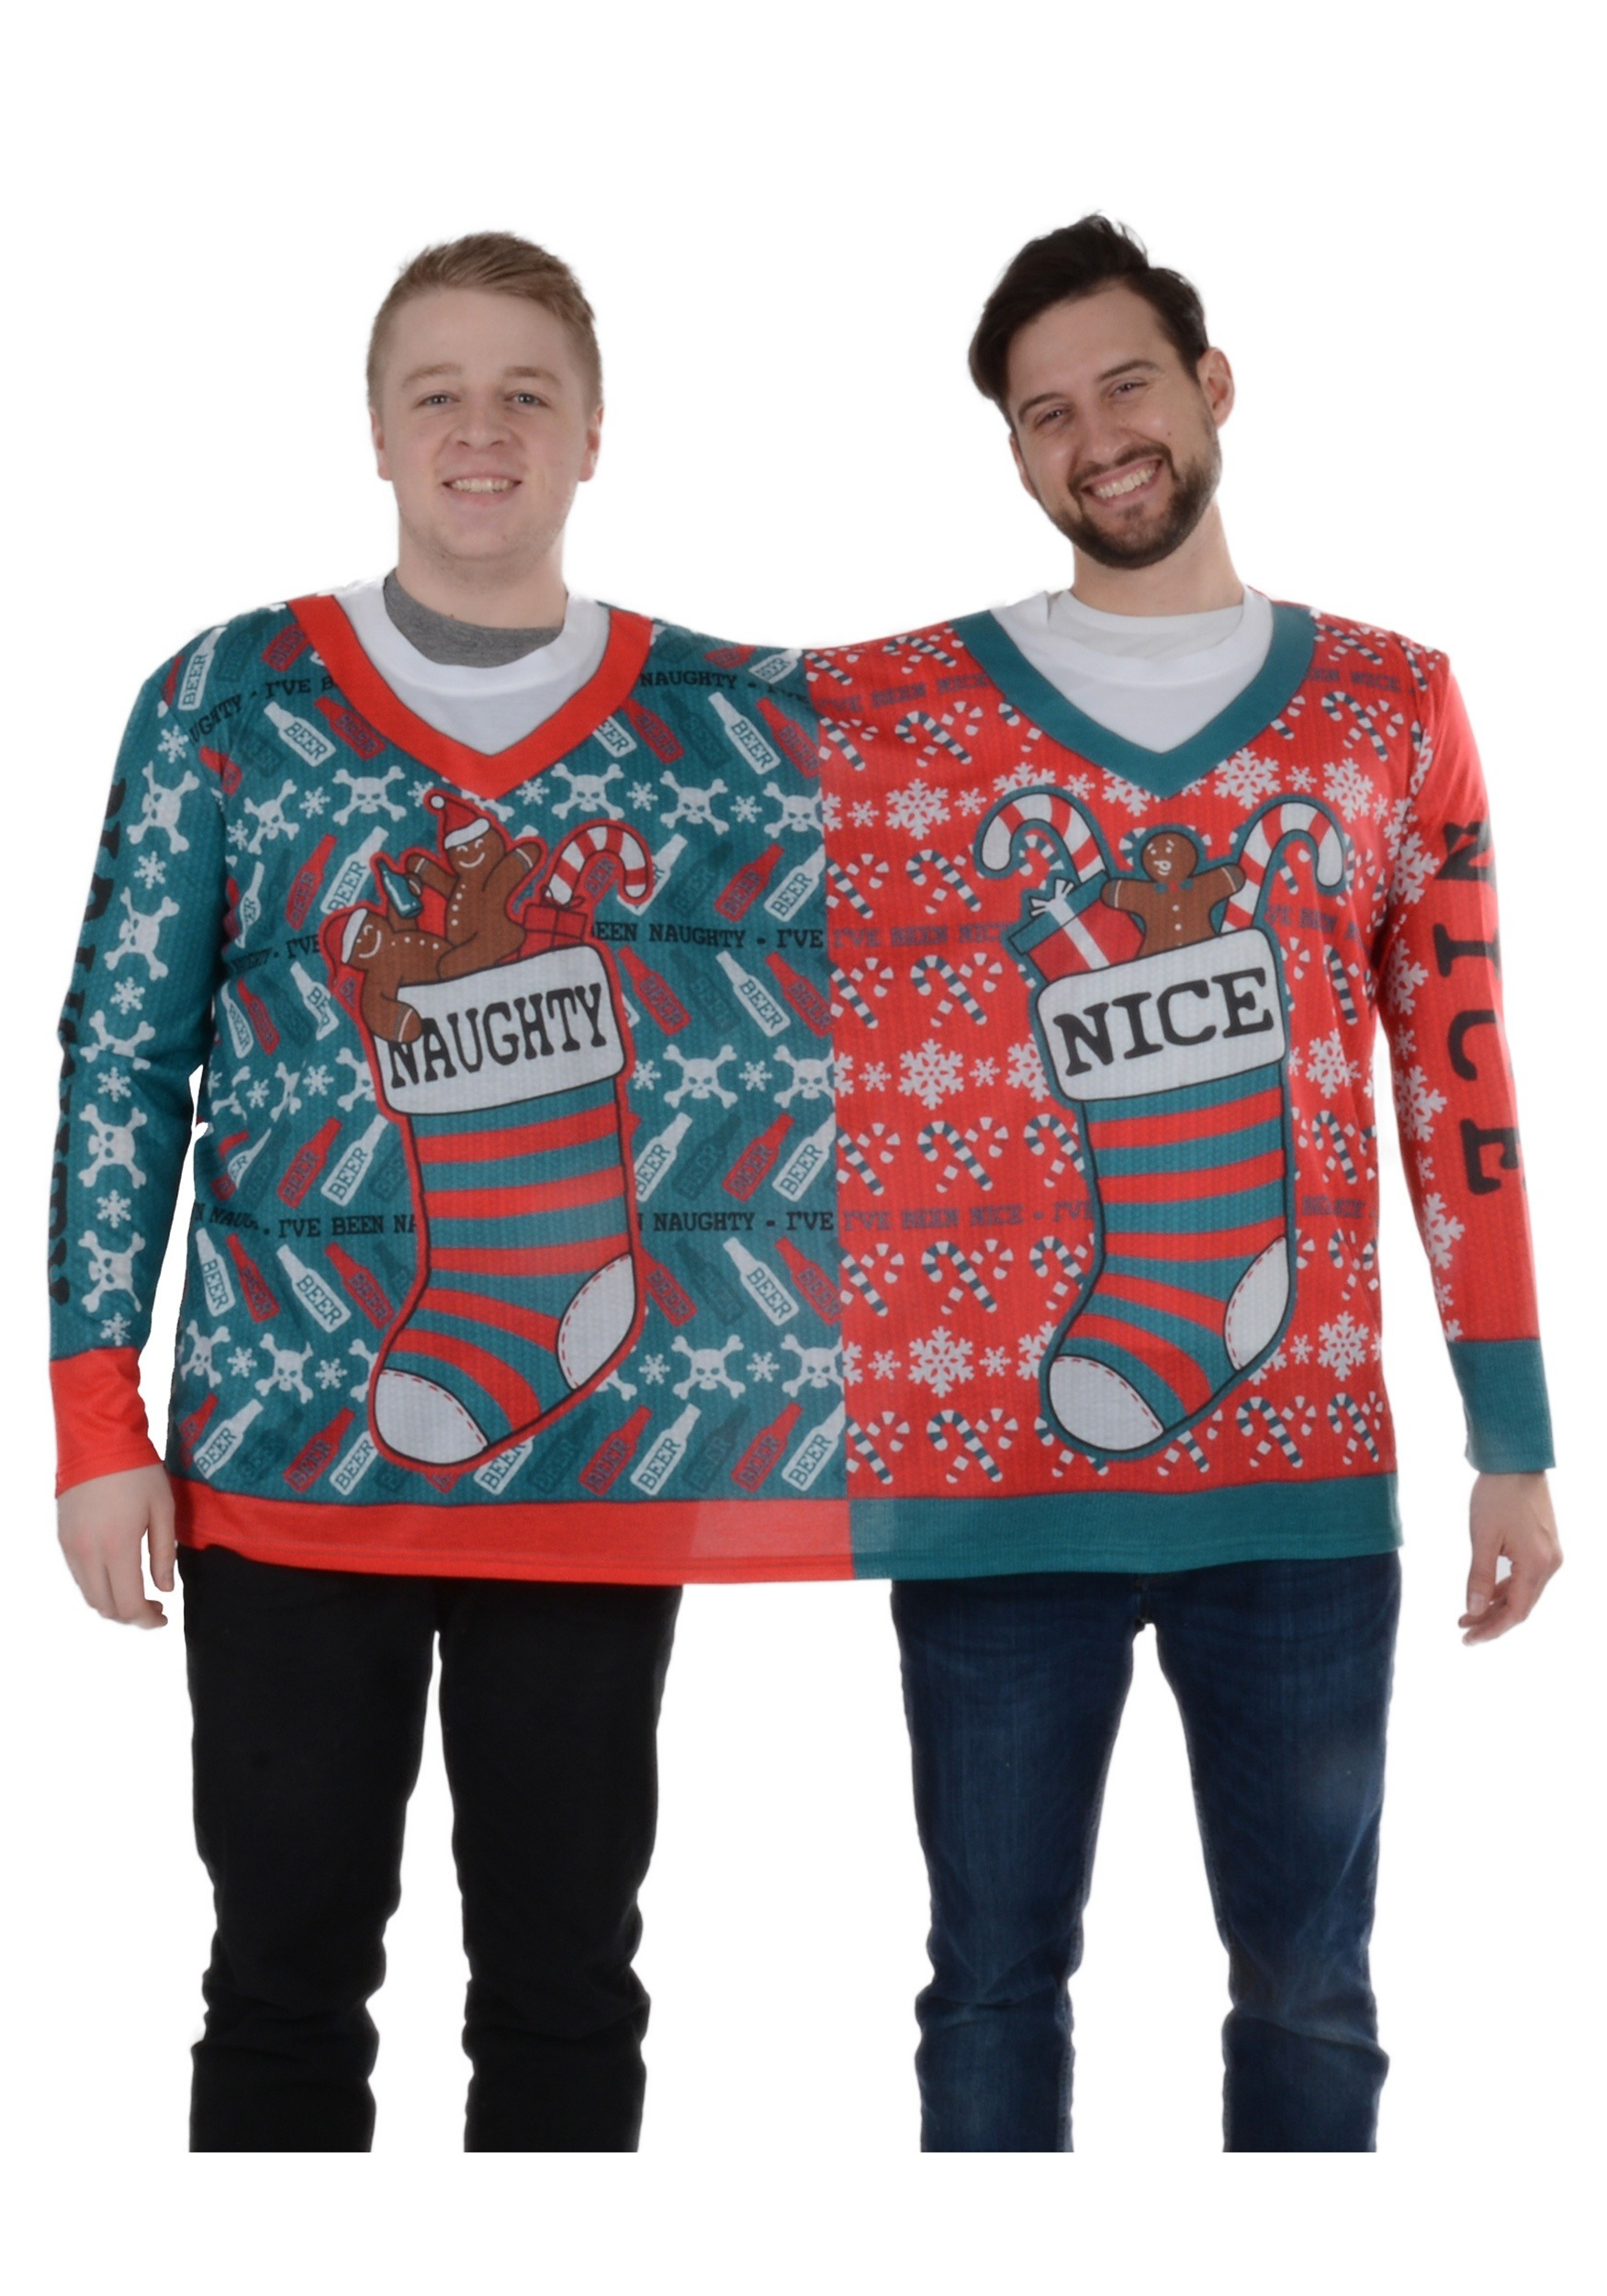 Naughty Nice 2 Person Ugly Christmas Tee